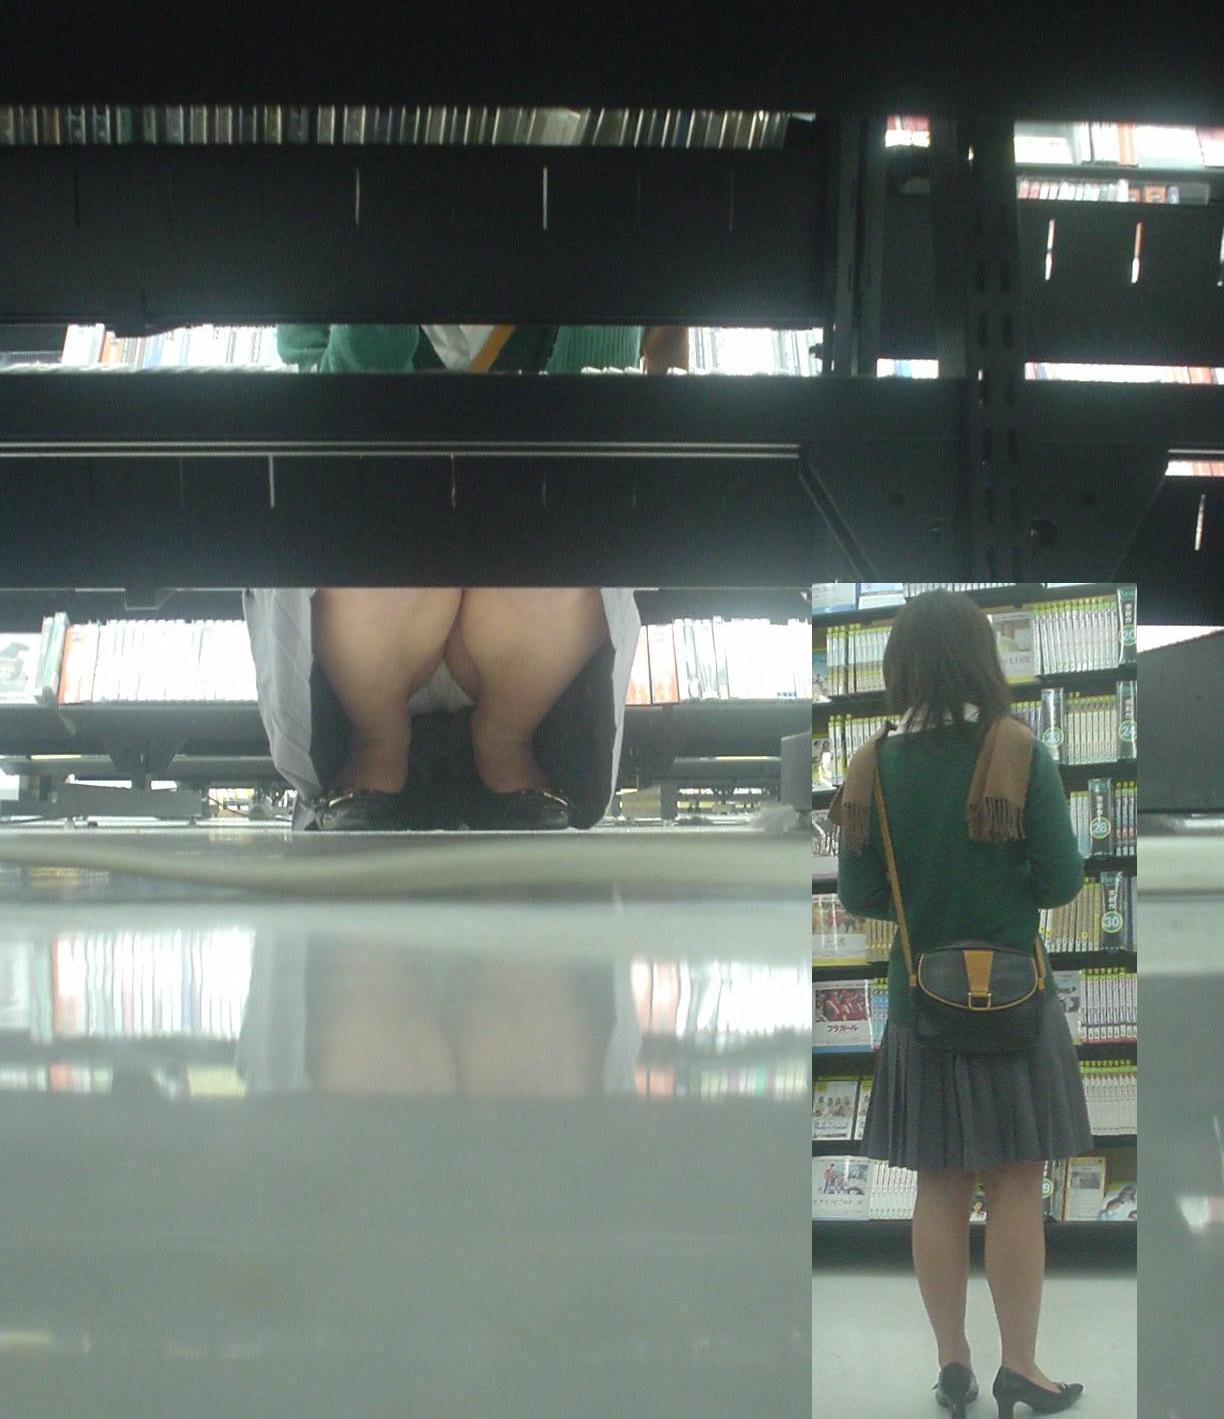 レンタルショップで女性客のパンツ撮影してるパンチラ画像 gk5UJpphdZ6F